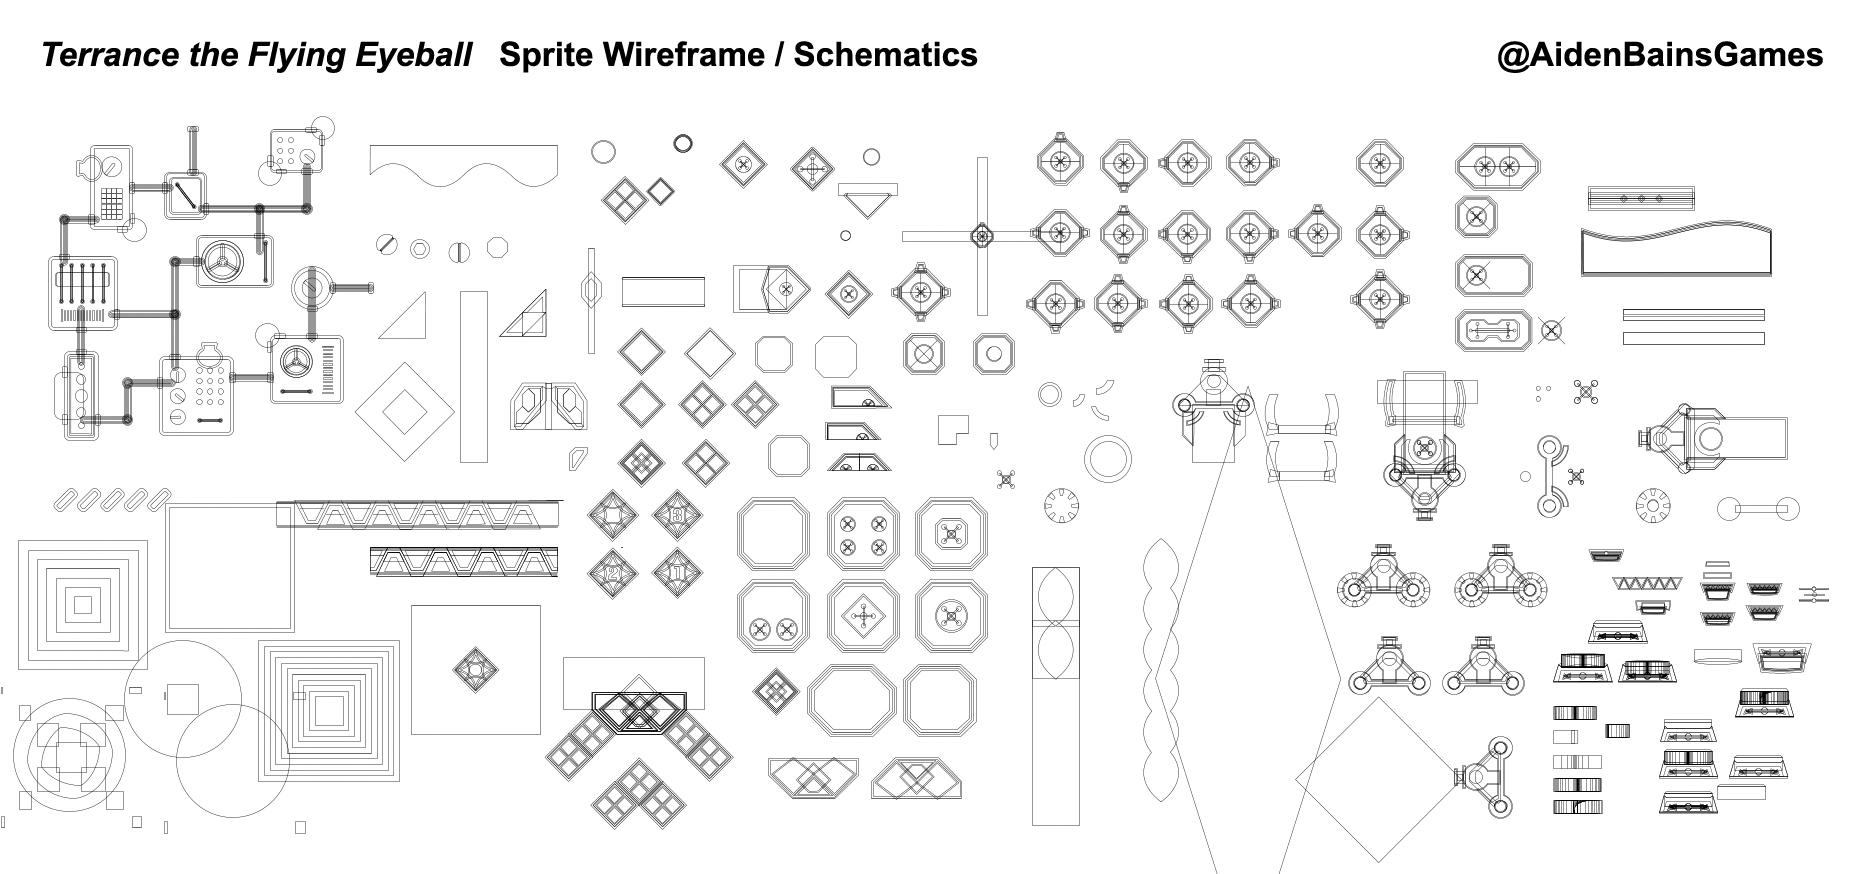 Sprite Wireframe Schematic Render Image